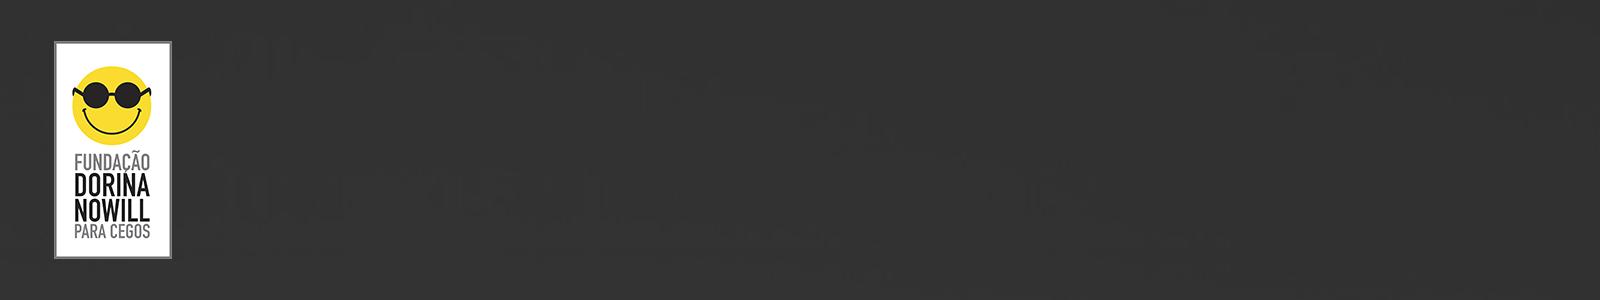 Retângulo cinza com logo da Fundação Dorina à esquerda. O logo é um retângulo branco na vertical, com um rosto amarelo com óculos escuros e sorriso em preto e, abaixo, o texto Fundação Dorina Nowill para Cegos em fonte preta e cinza.